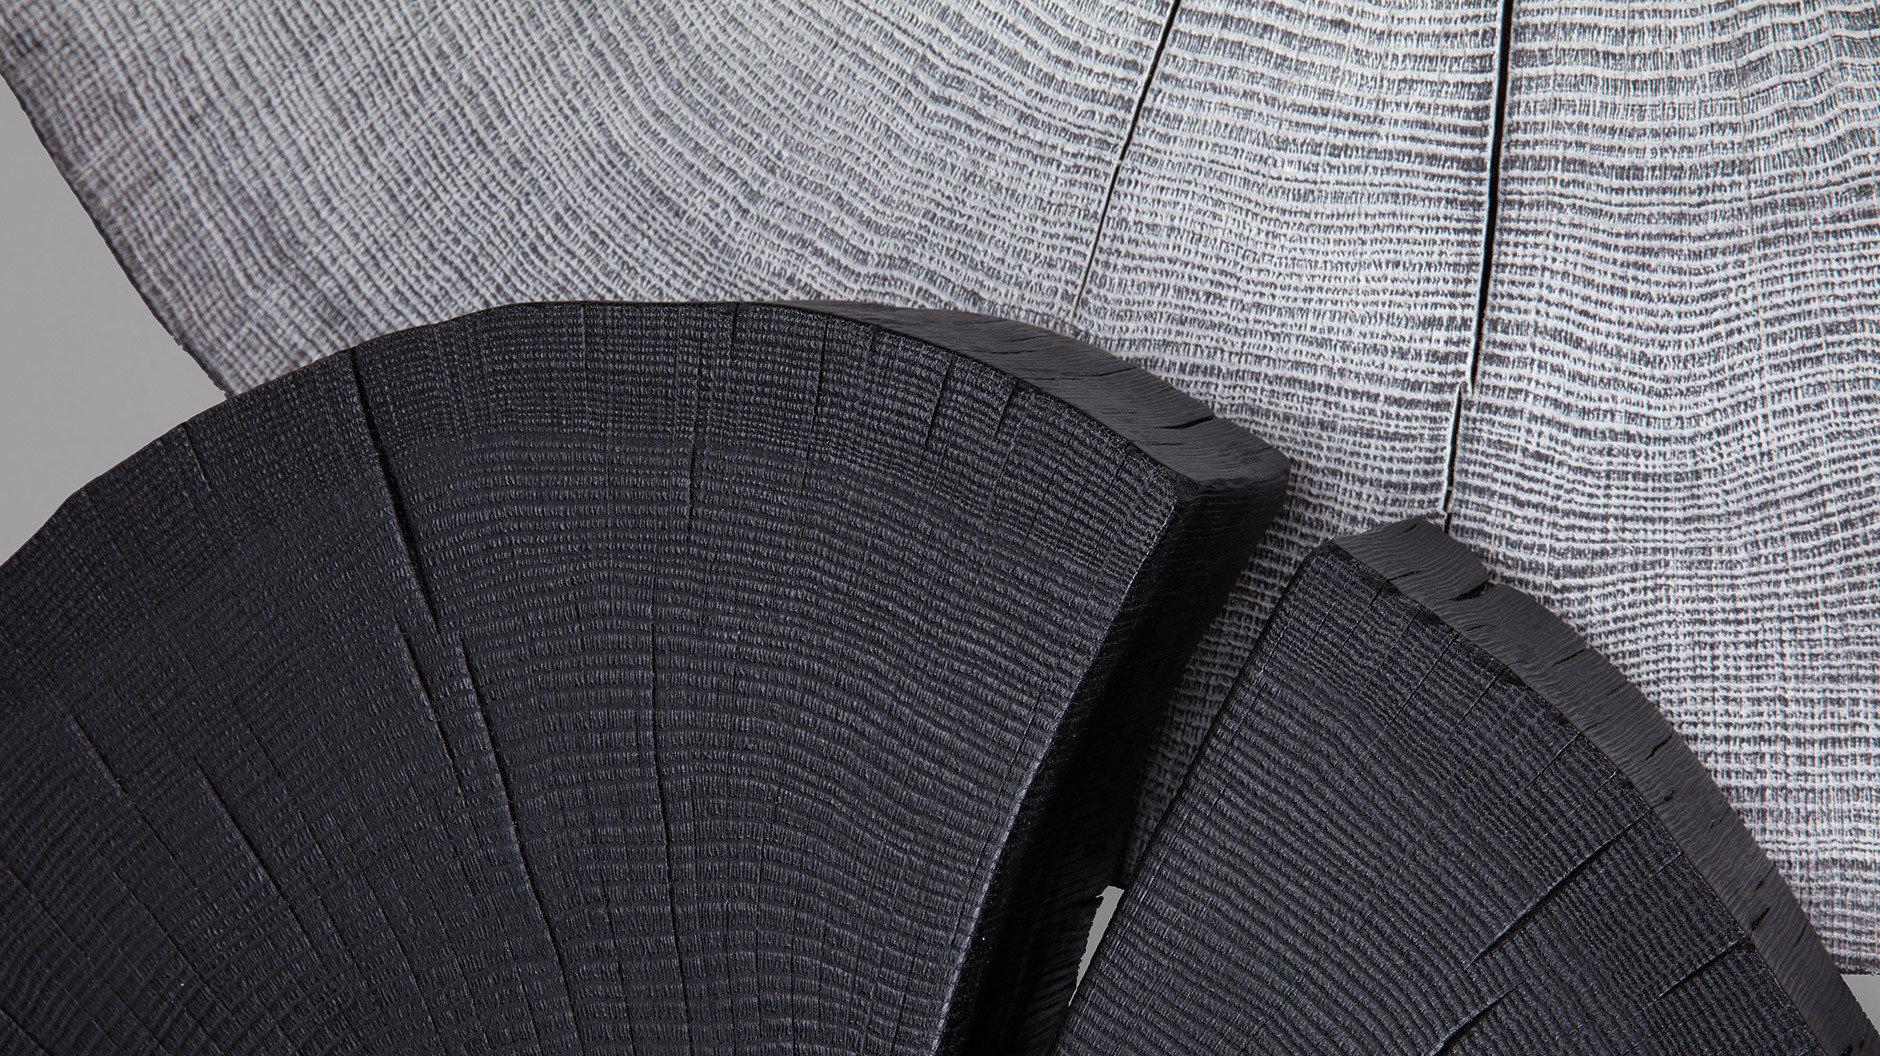 Die Kernkompetenz des deutschen Unternehmens Janua ist Holz, das seine ästhetischen, funktionalen und haptischen Vorteile ausspielt.